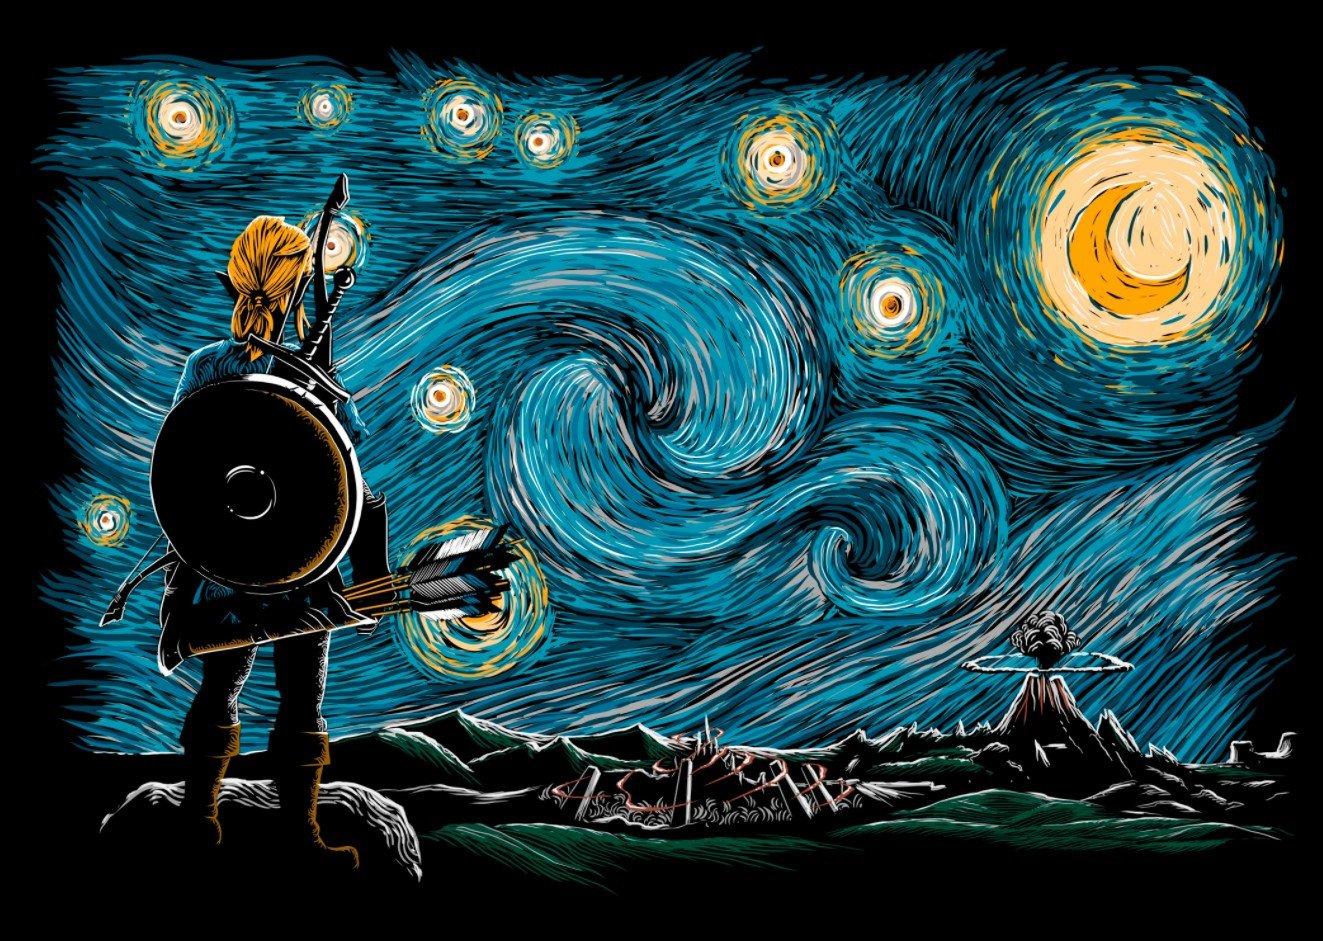 Legend of Zelda's Link in style of Van Gogh picture